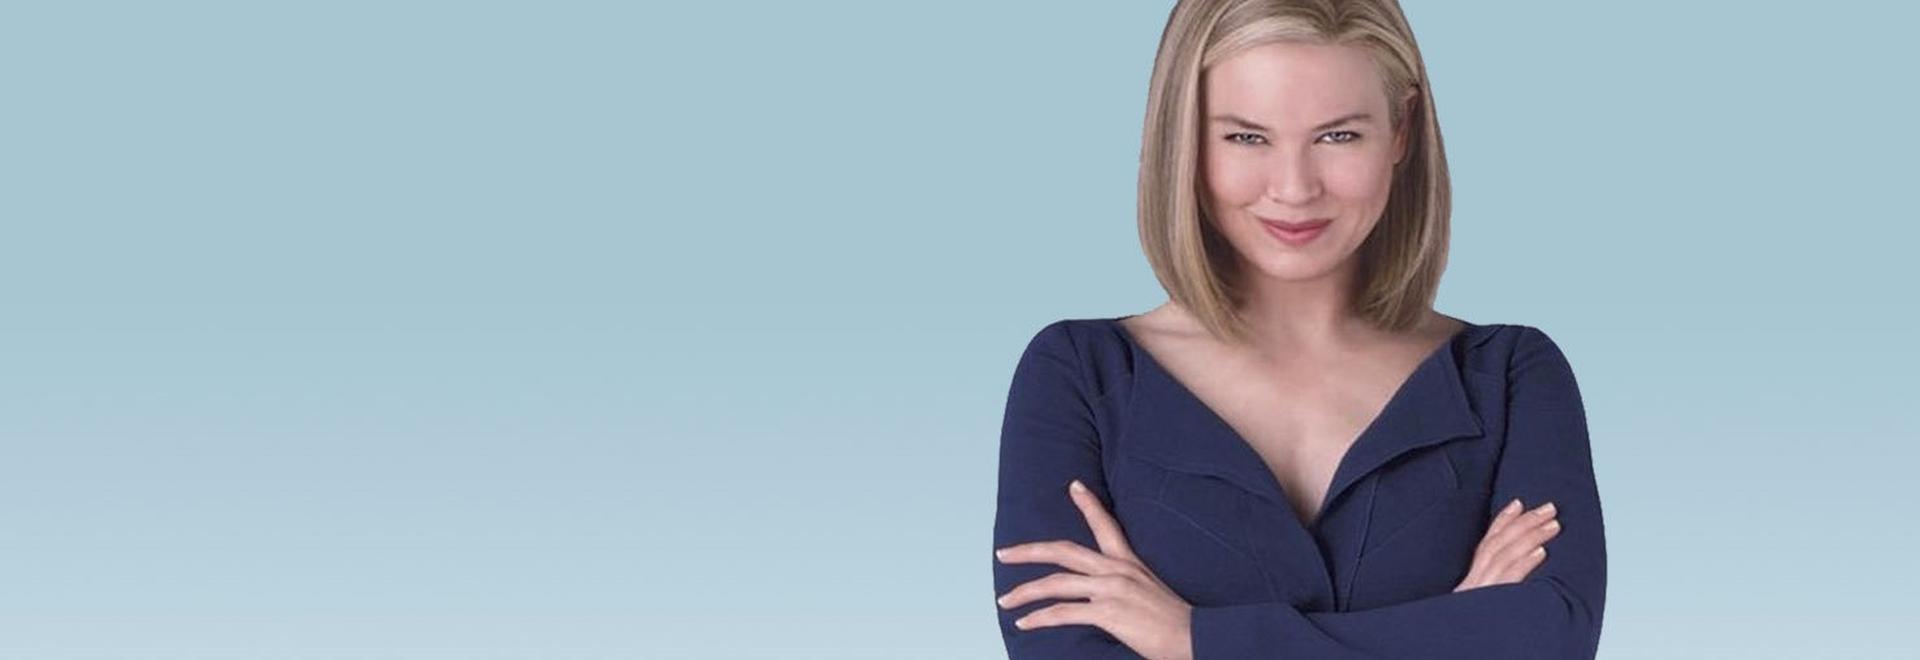 Renee zellweger una single in carriera